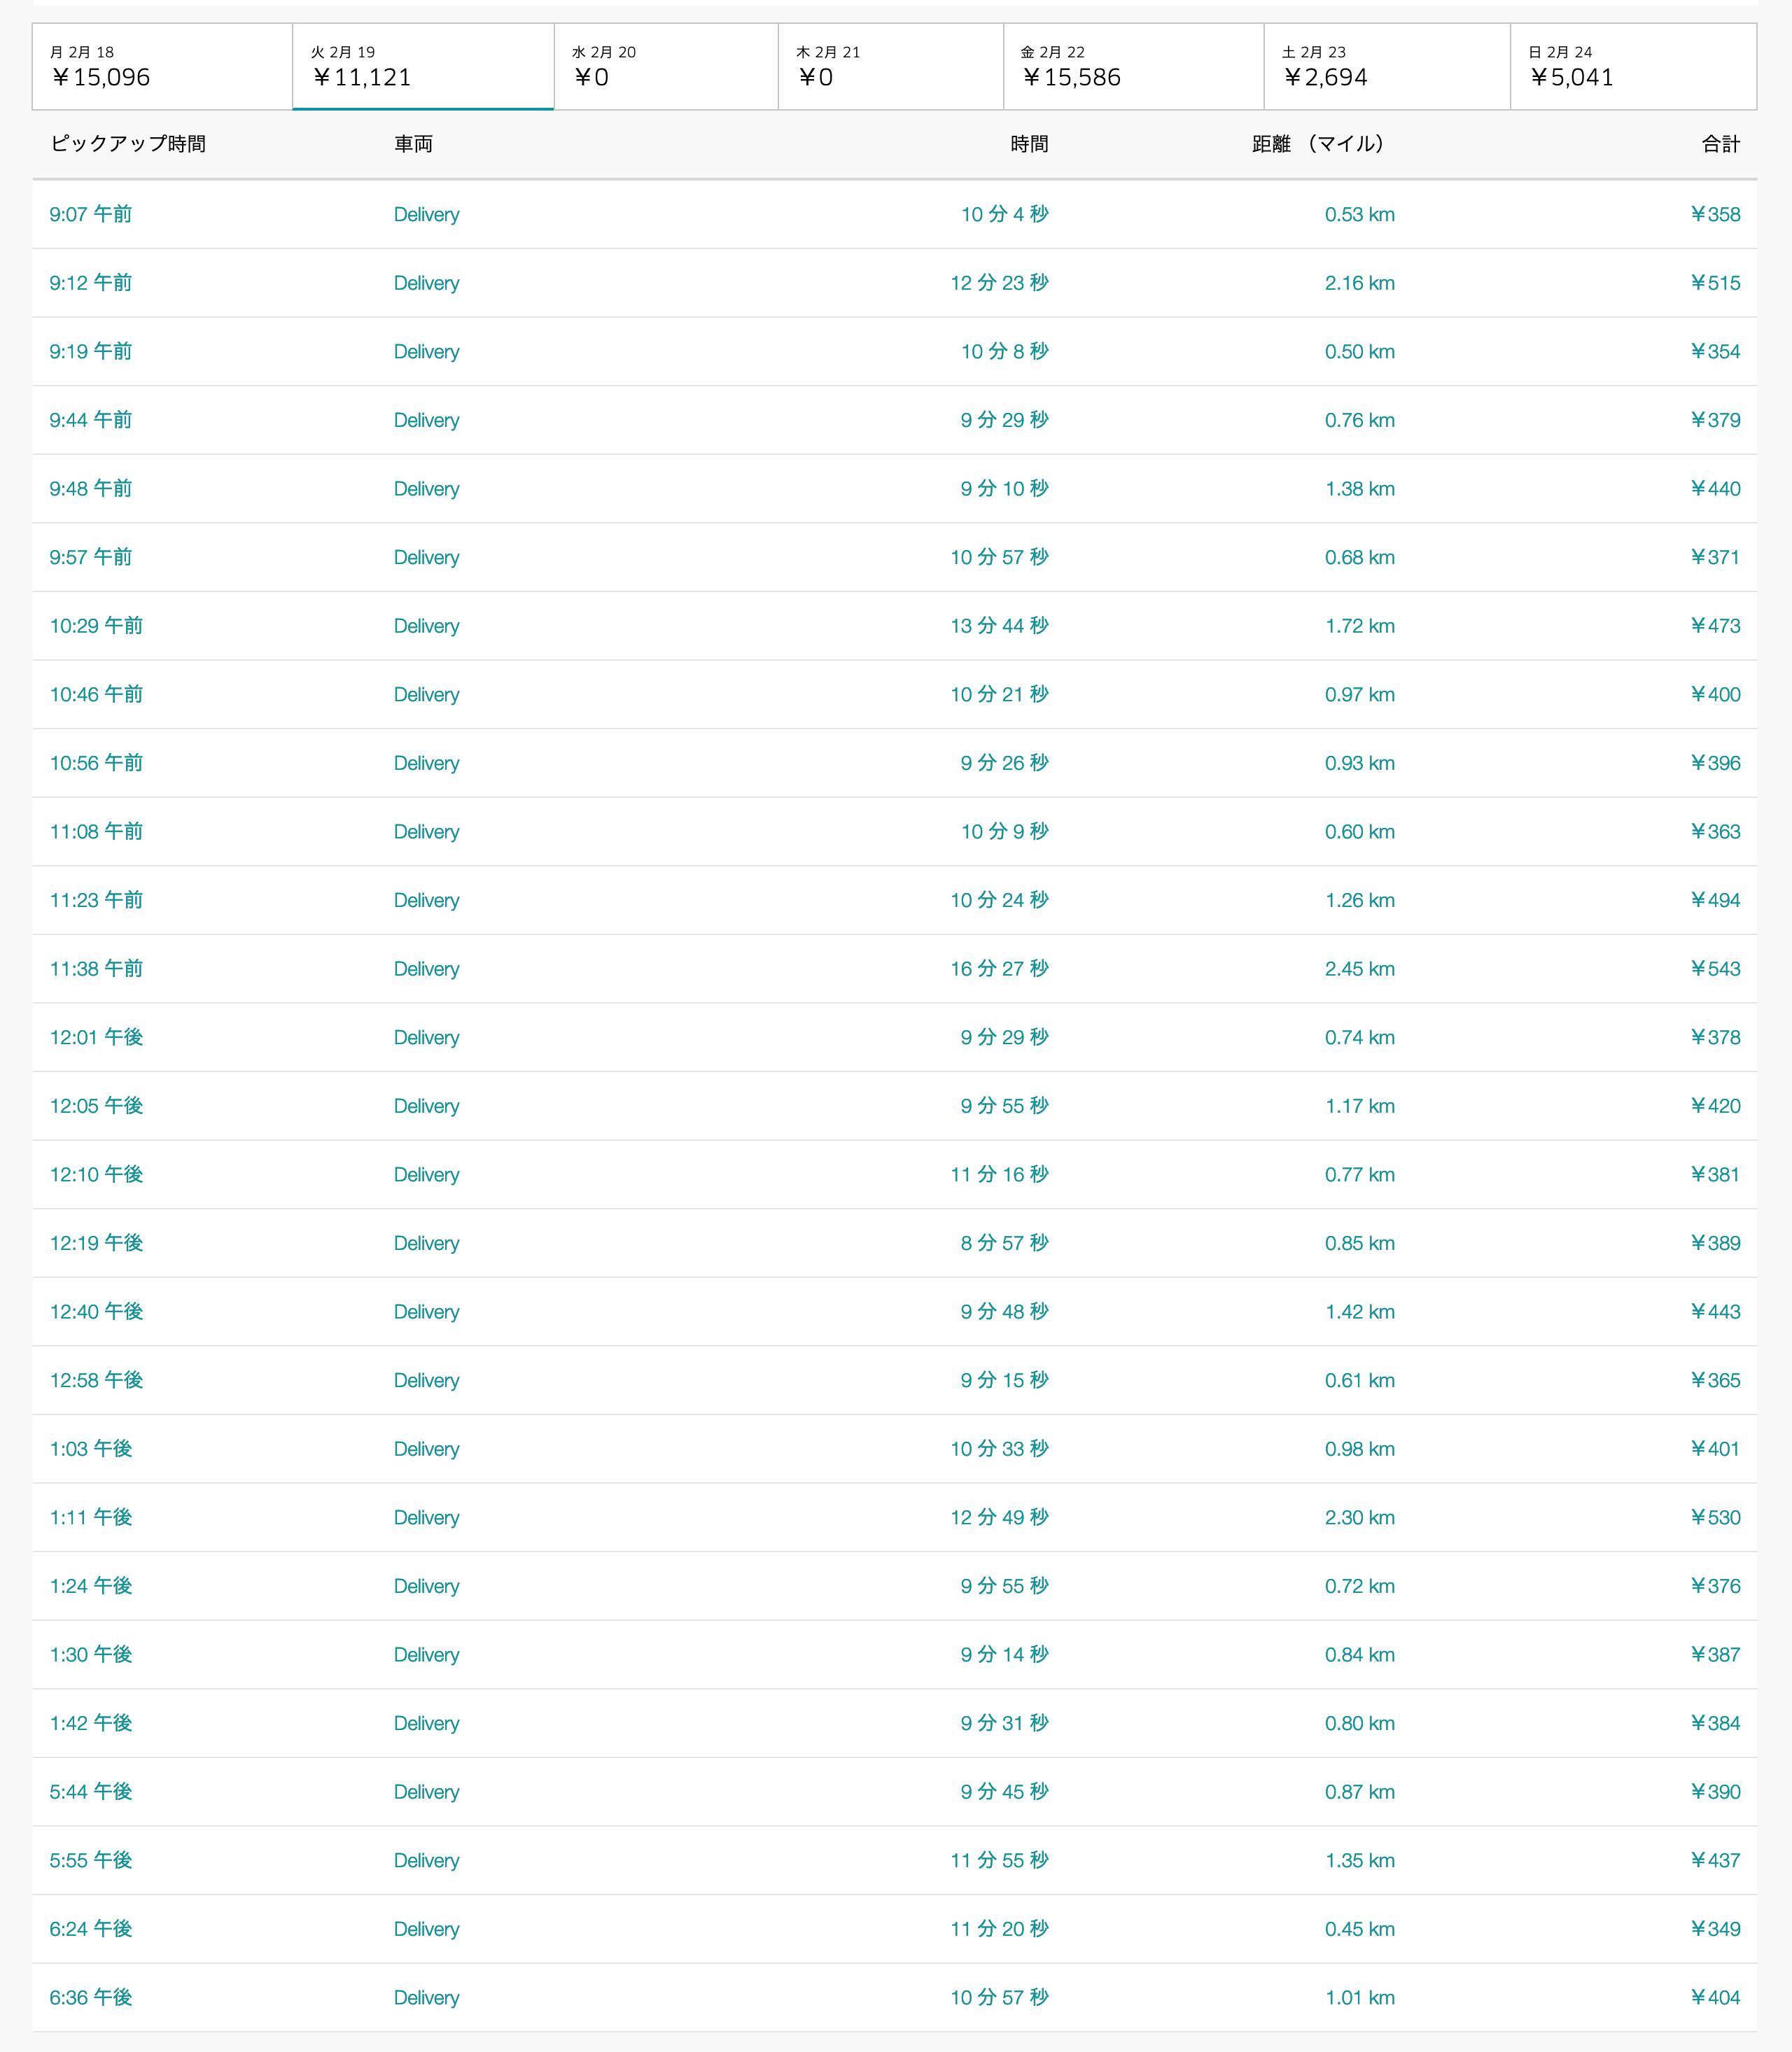 Uber Eats2月19日の配達数字